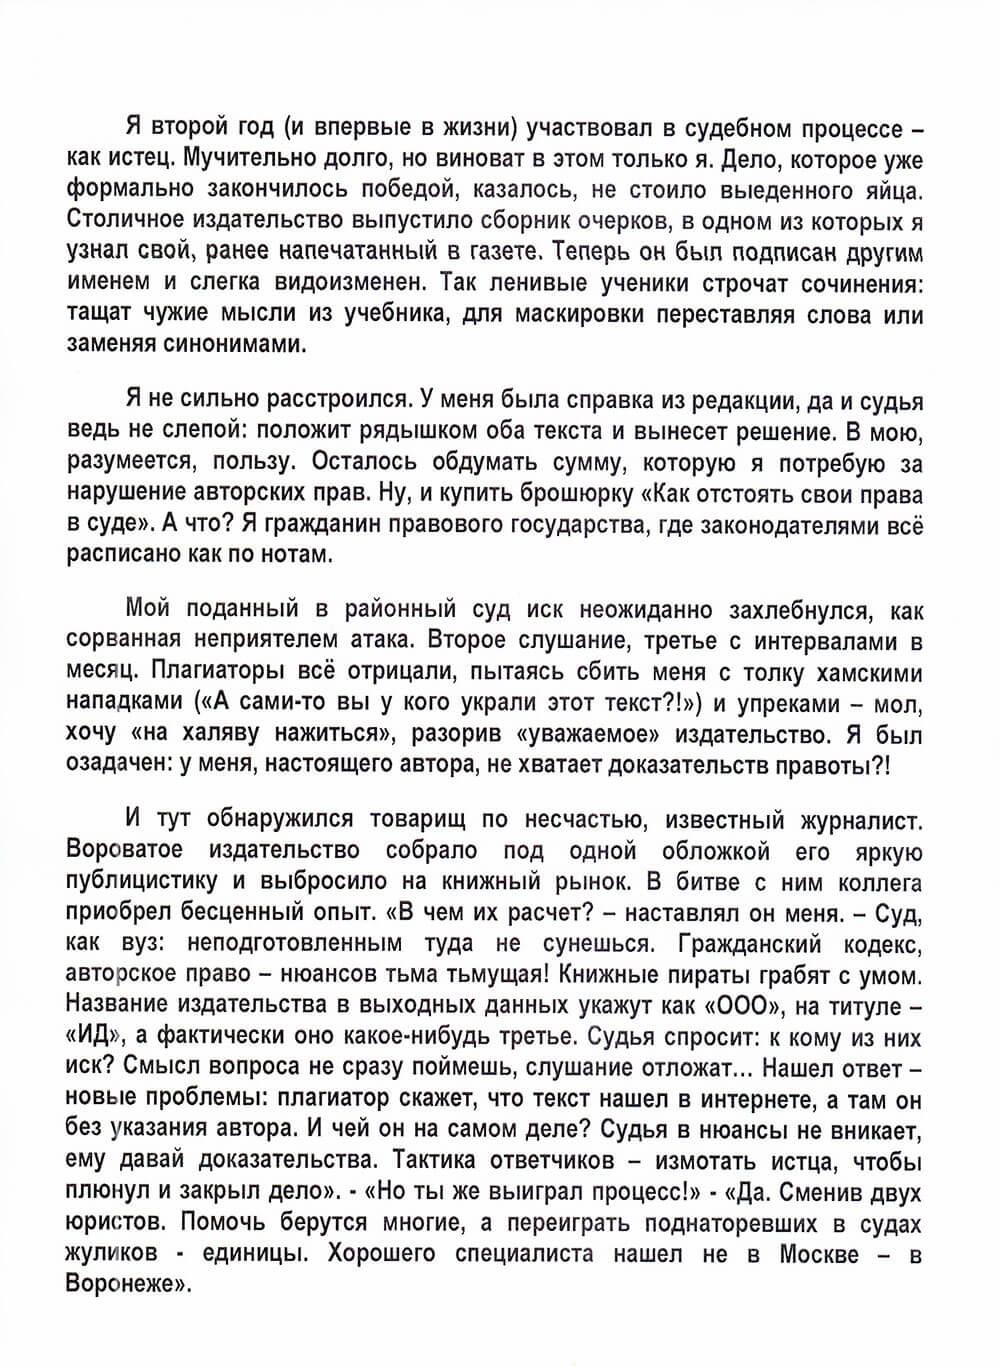 отзыв публициста Зайцева о защите в суде